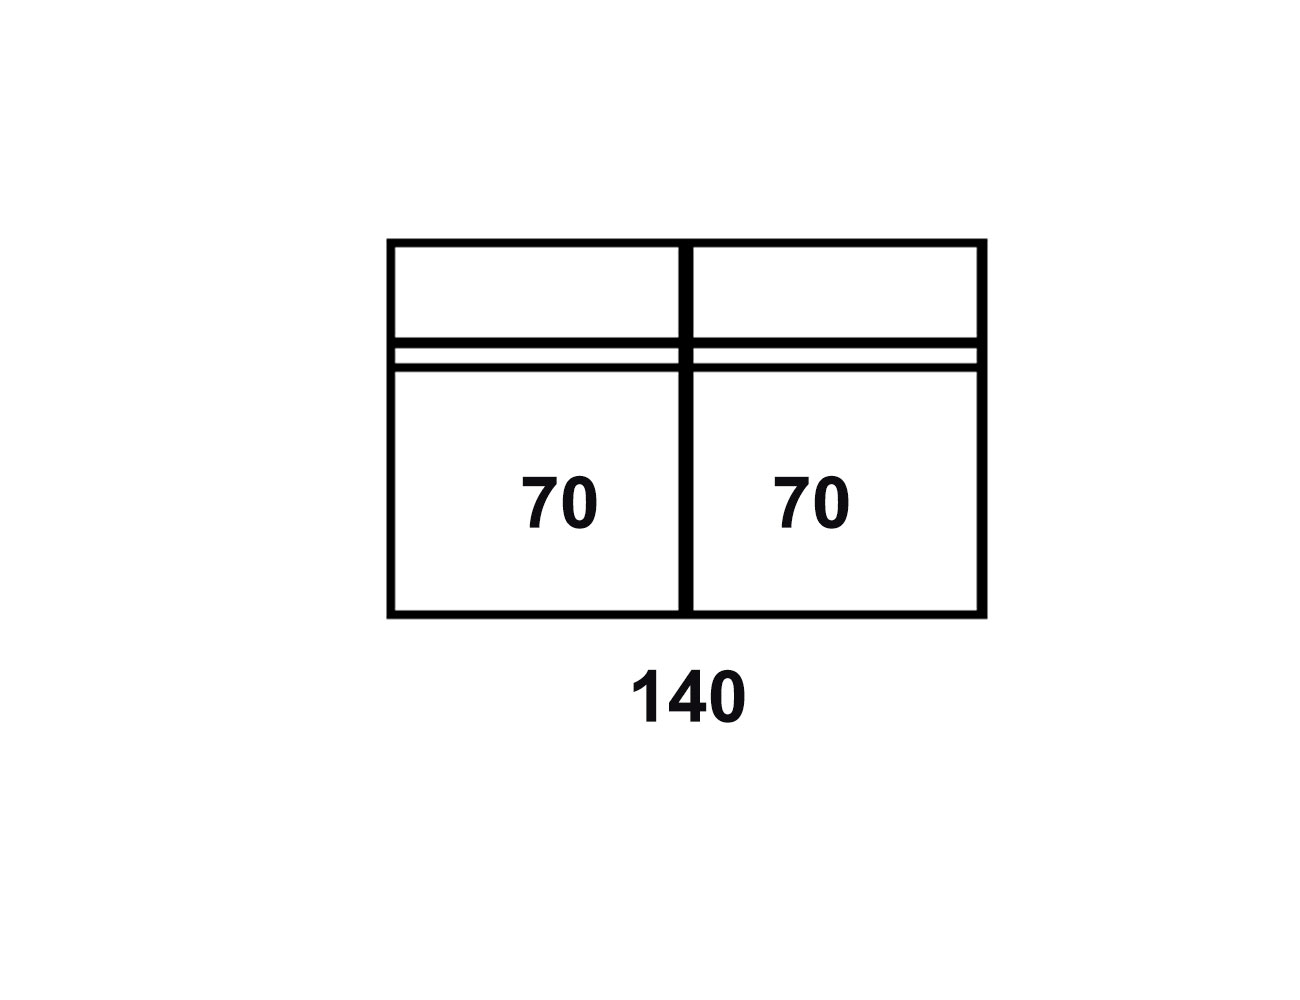 Modulo 2p 140